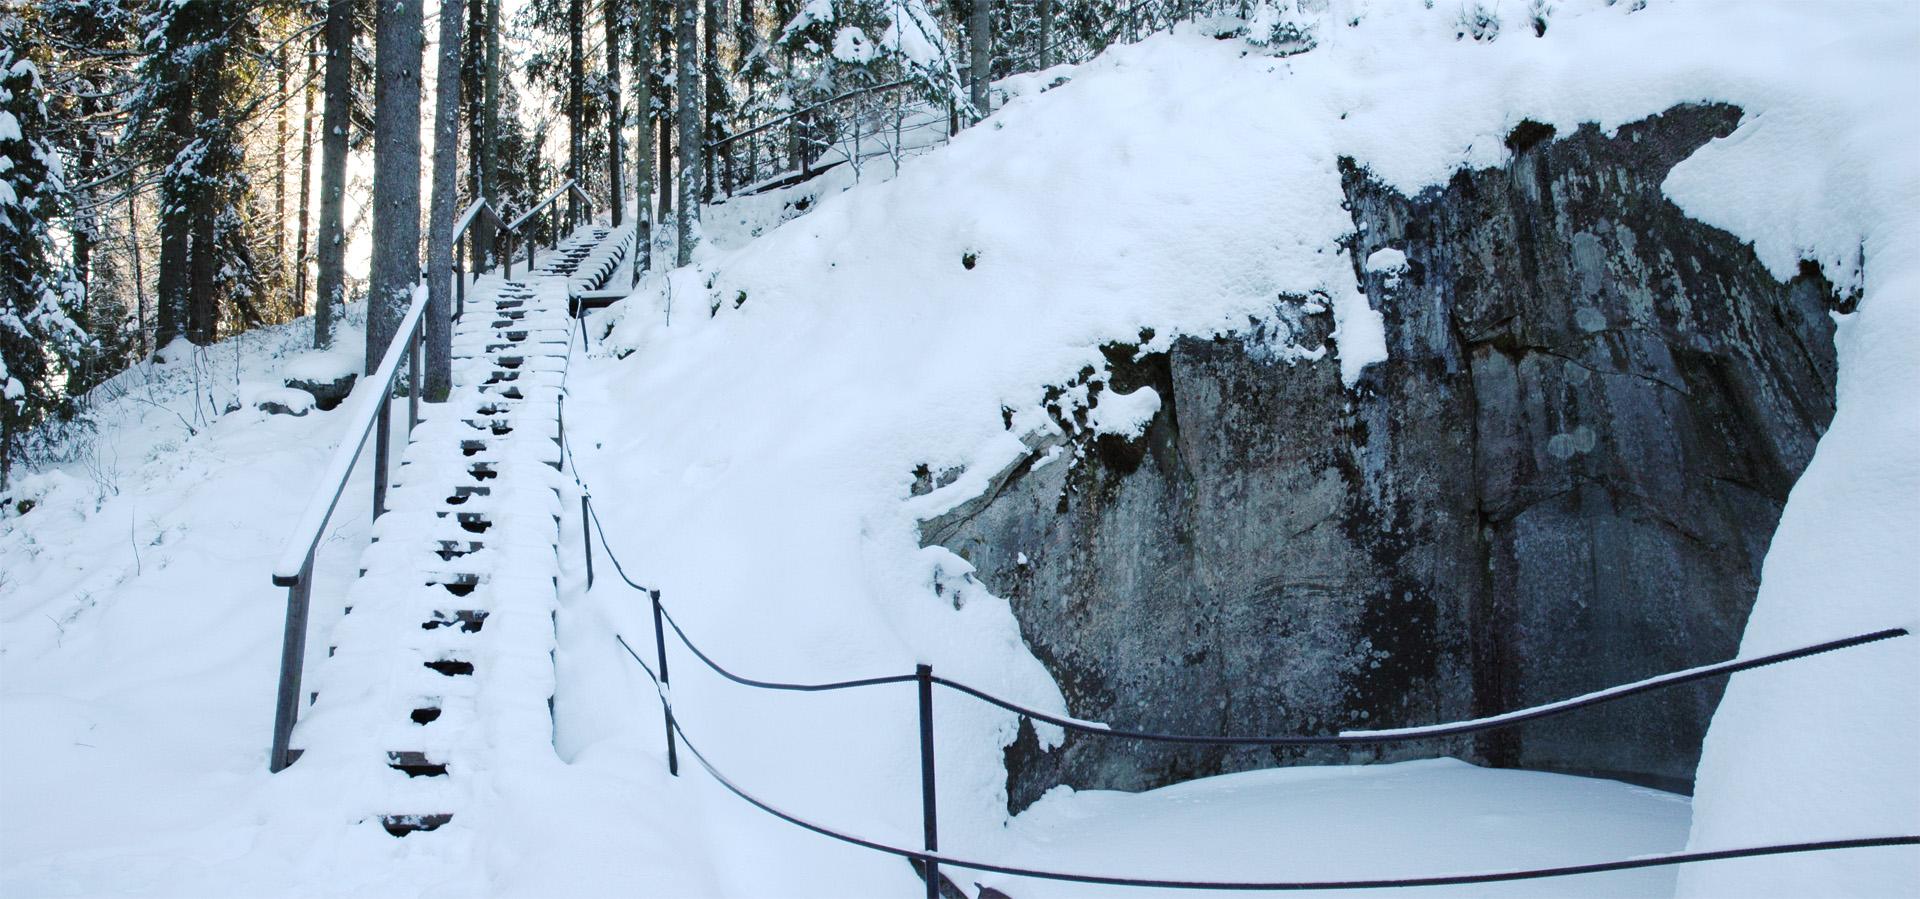 Askolan hiidenkirnujen suurin kirnu, Jättiläisen kuhnepytty on näyttävä talvellakin